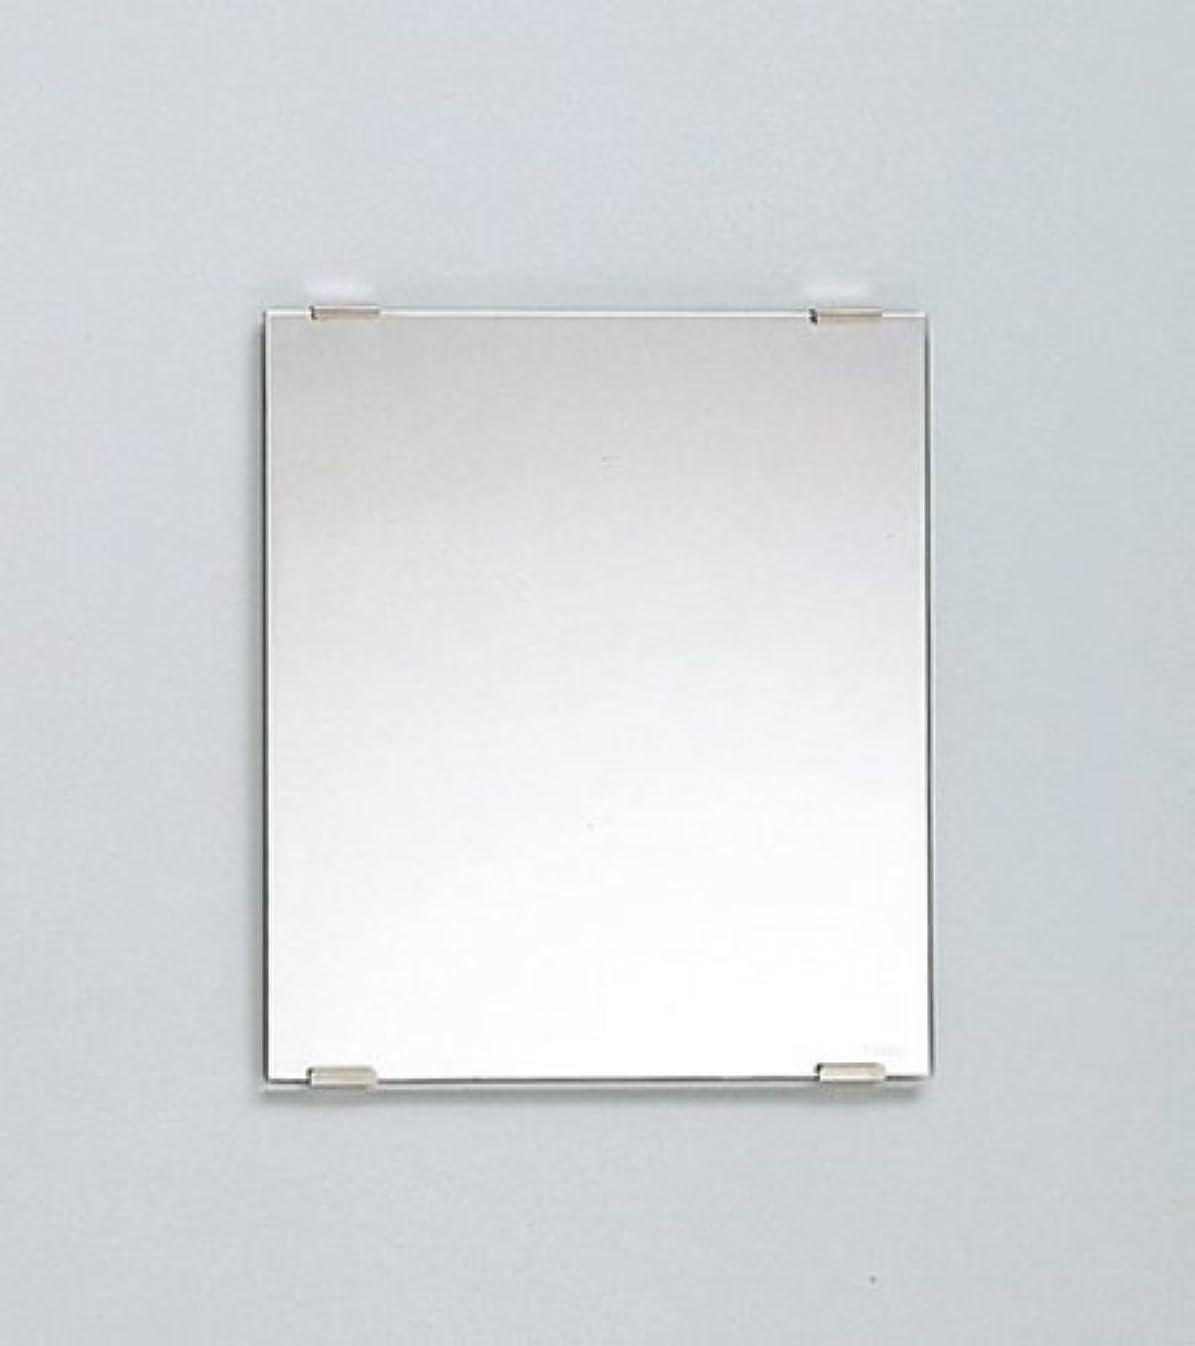 むしゃむしゃ眼要塞TOTO 化粧鏡 YM3035F 耐食鏡 角型 300×350(mm)